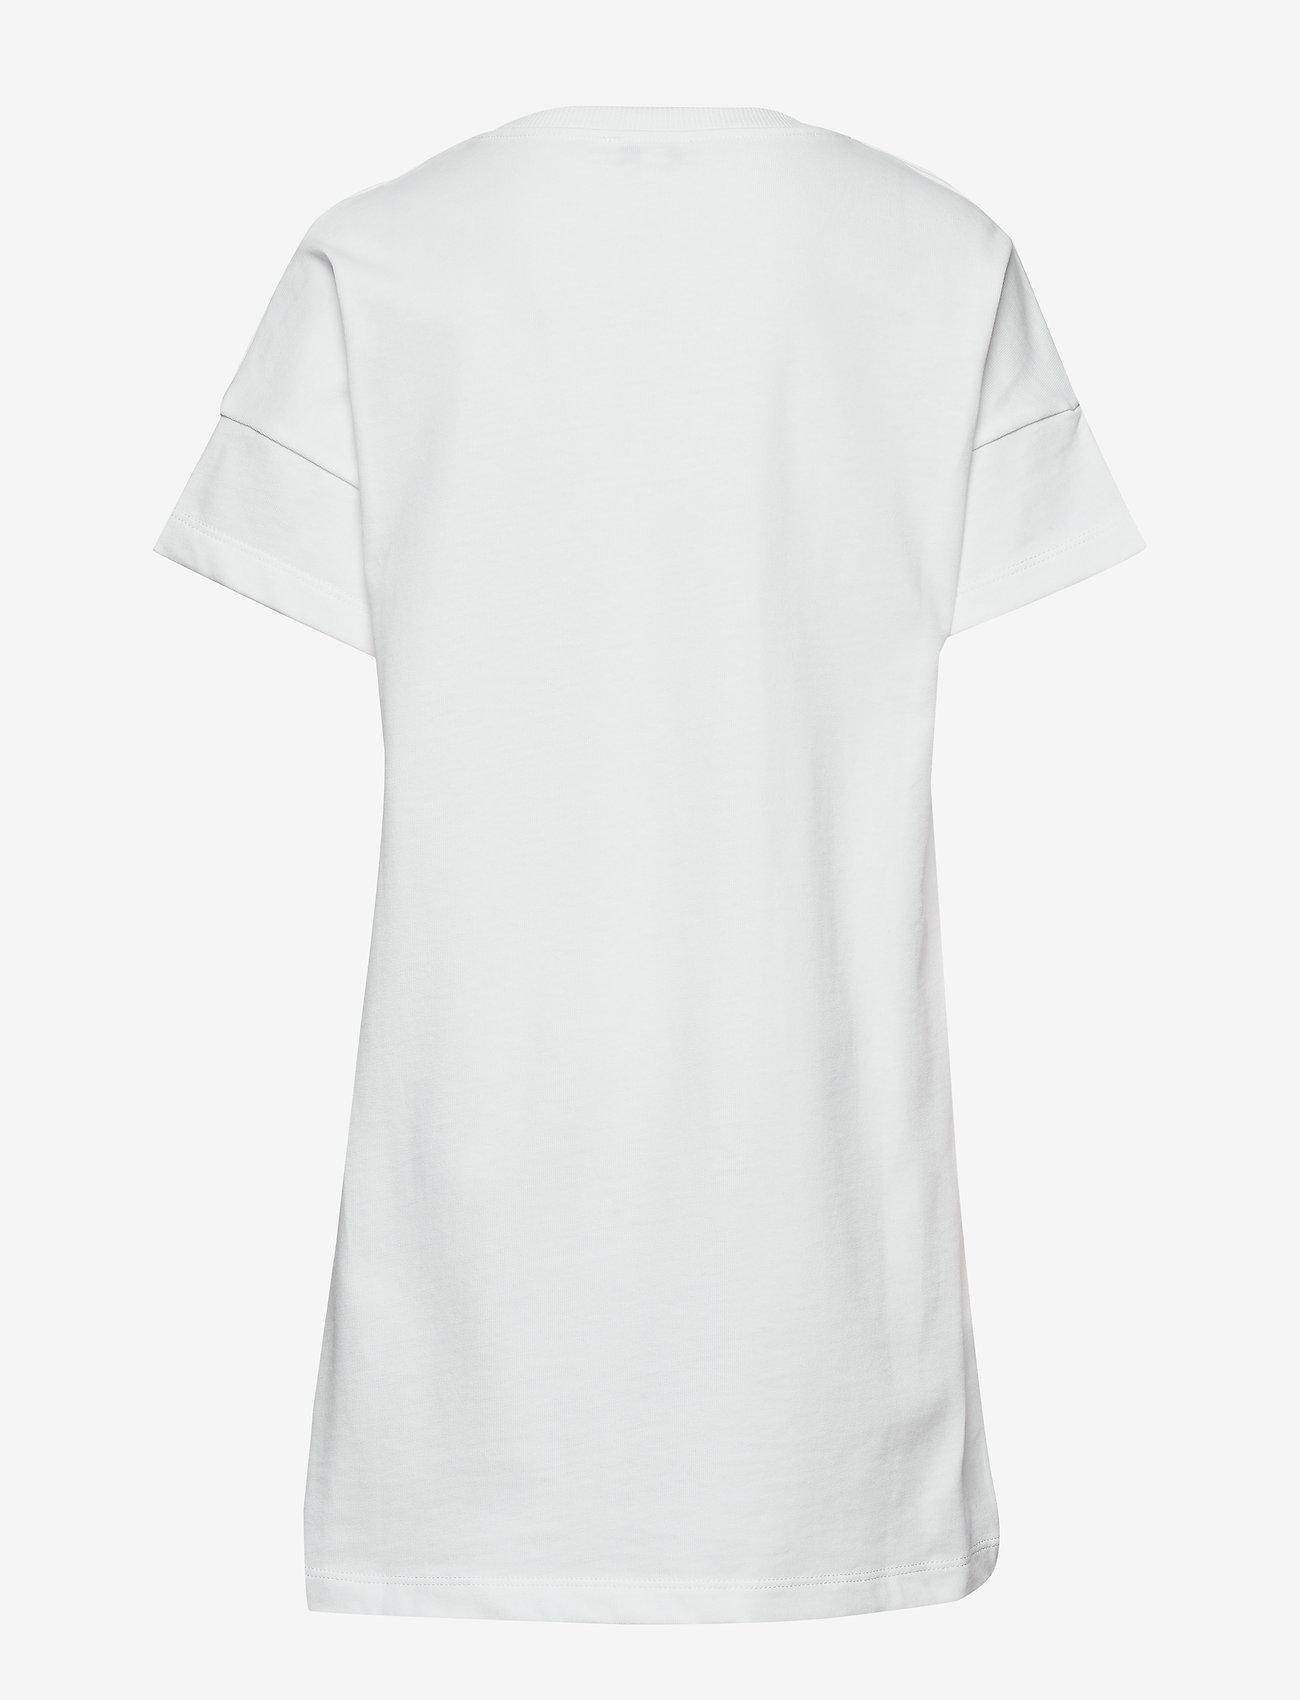 Jordanne (White) (44.50 €) - Kenzo i9uVM